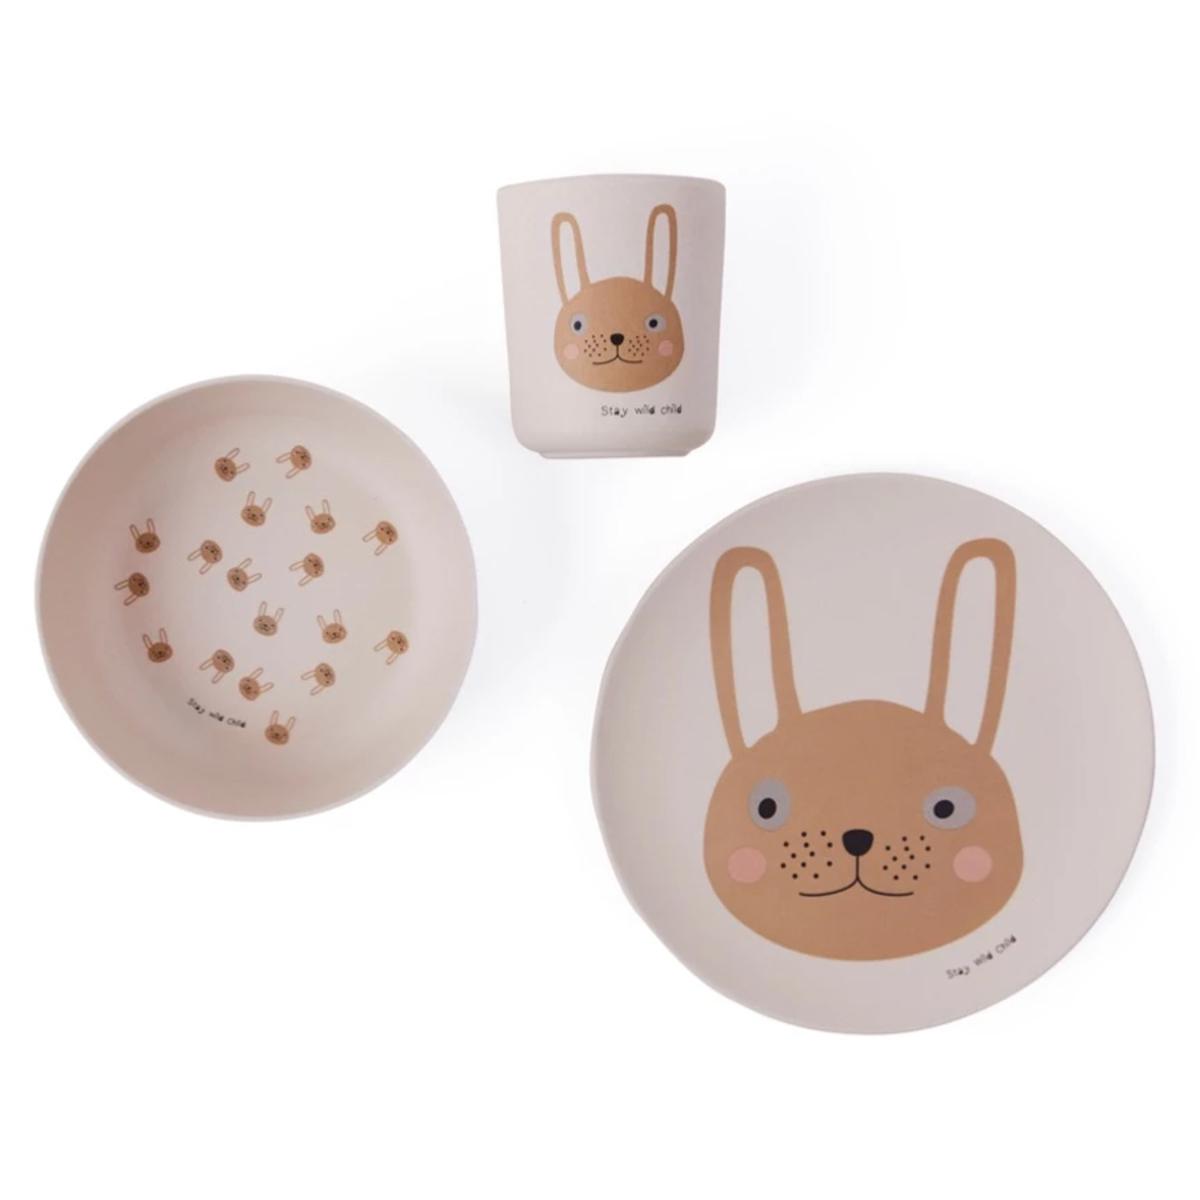 Coffret repas Coffret Repas 3 Pièces - Rabbit Coffret Repas 3 Pièces - Rabbit